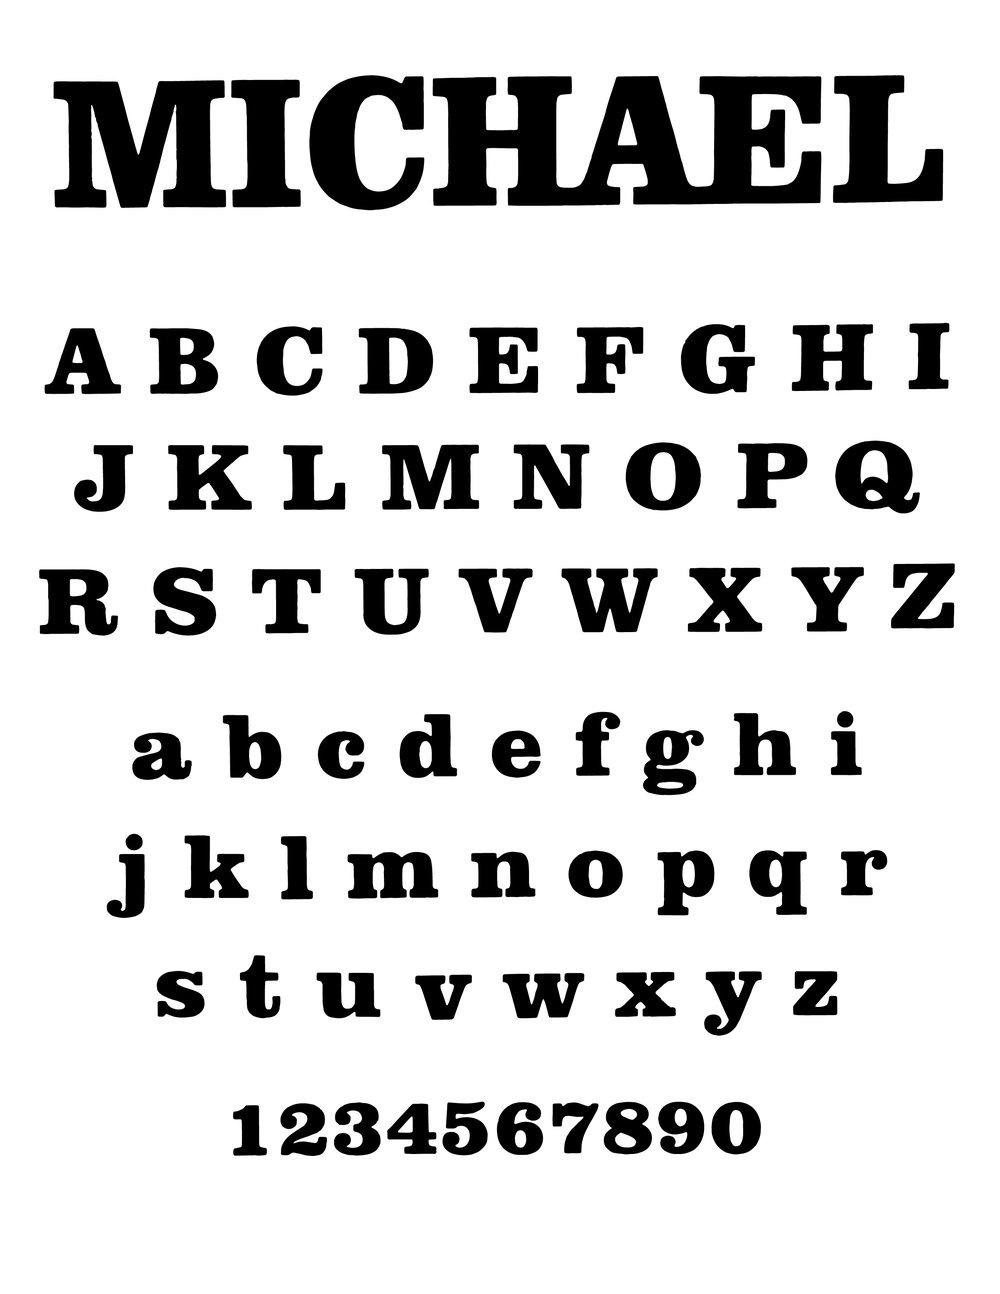 Micahel Vinyl-01.jpg